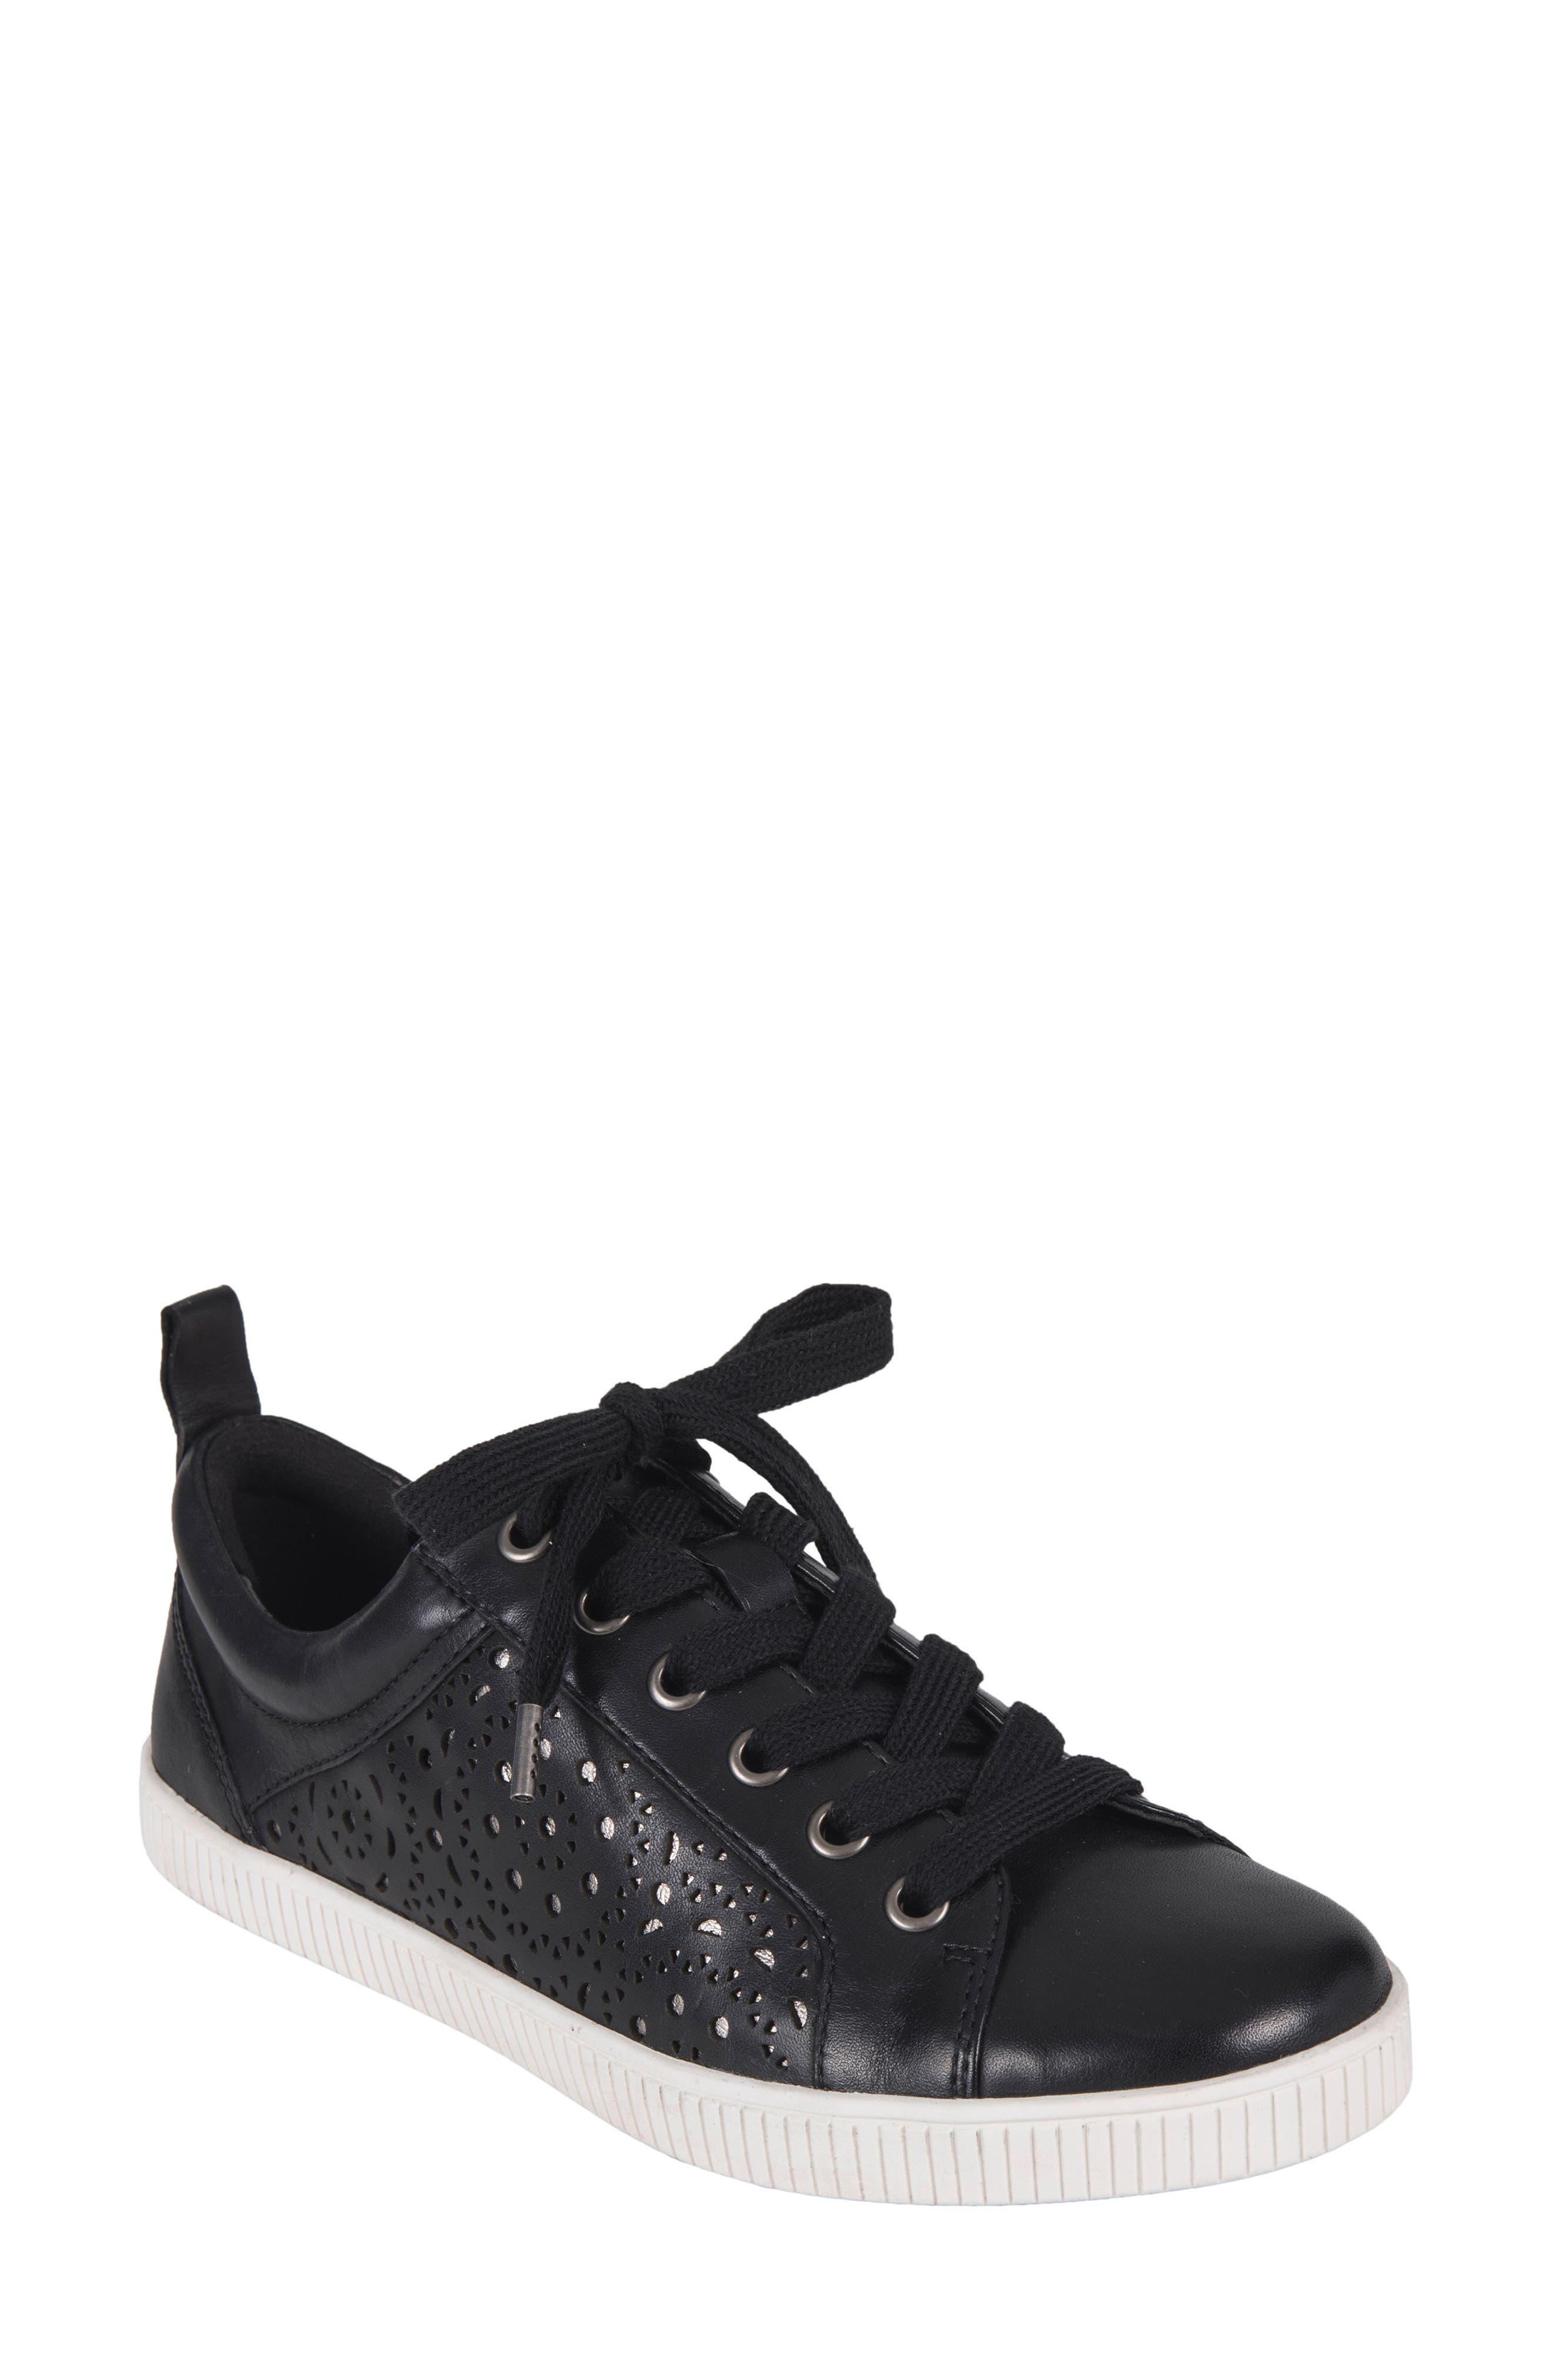 Tangor Perforated Sneaker,                             Main thumbnail 1, color,                             001